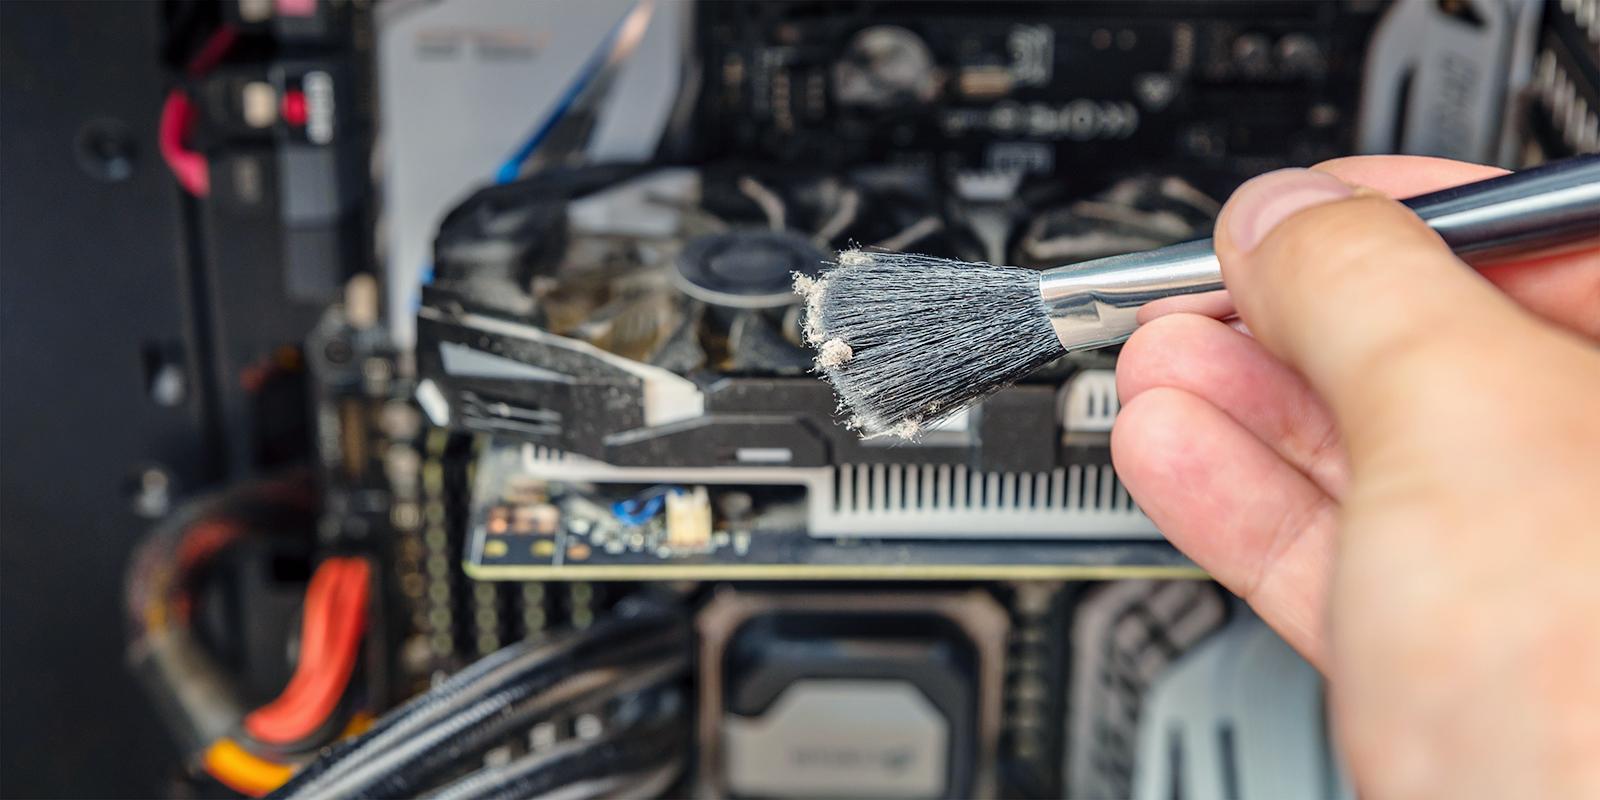 kak pochistit kompjuter ot pyli samostoyatelno proverennyj i prostoj sposob